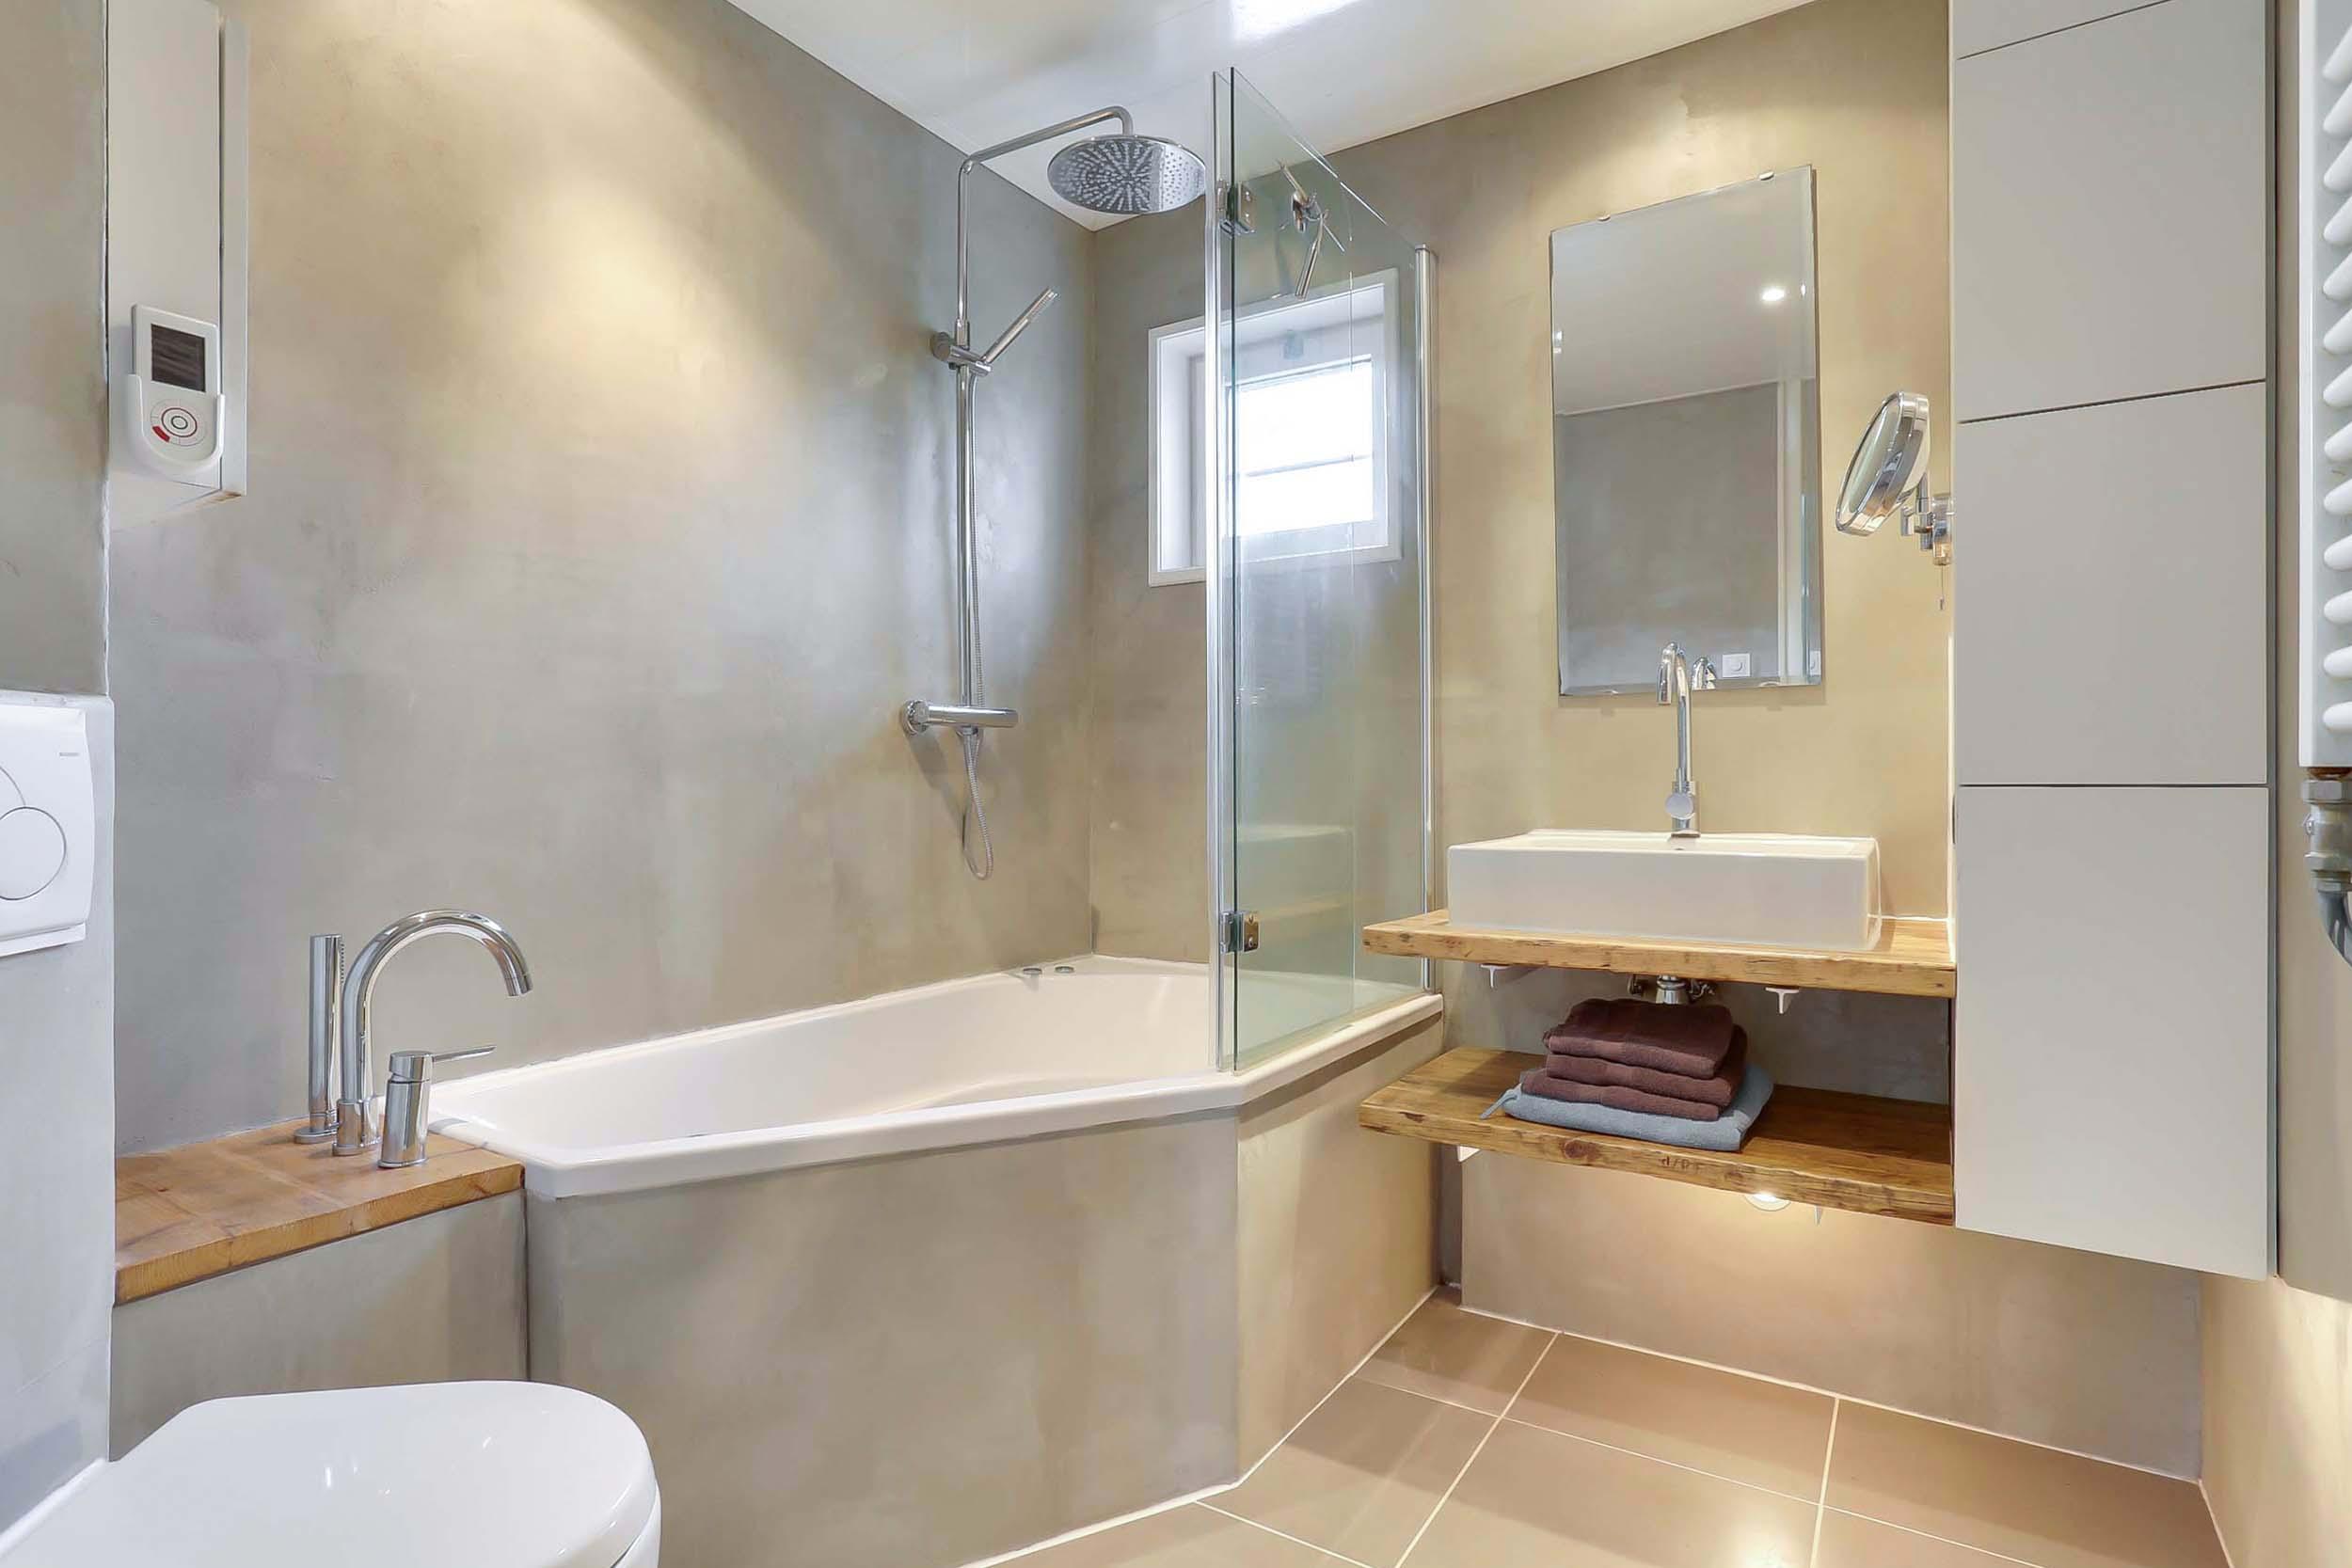 Taupe Kleurige Badkamer : Badkamer checklist. best geweldig badkamer verbouwing checklist with